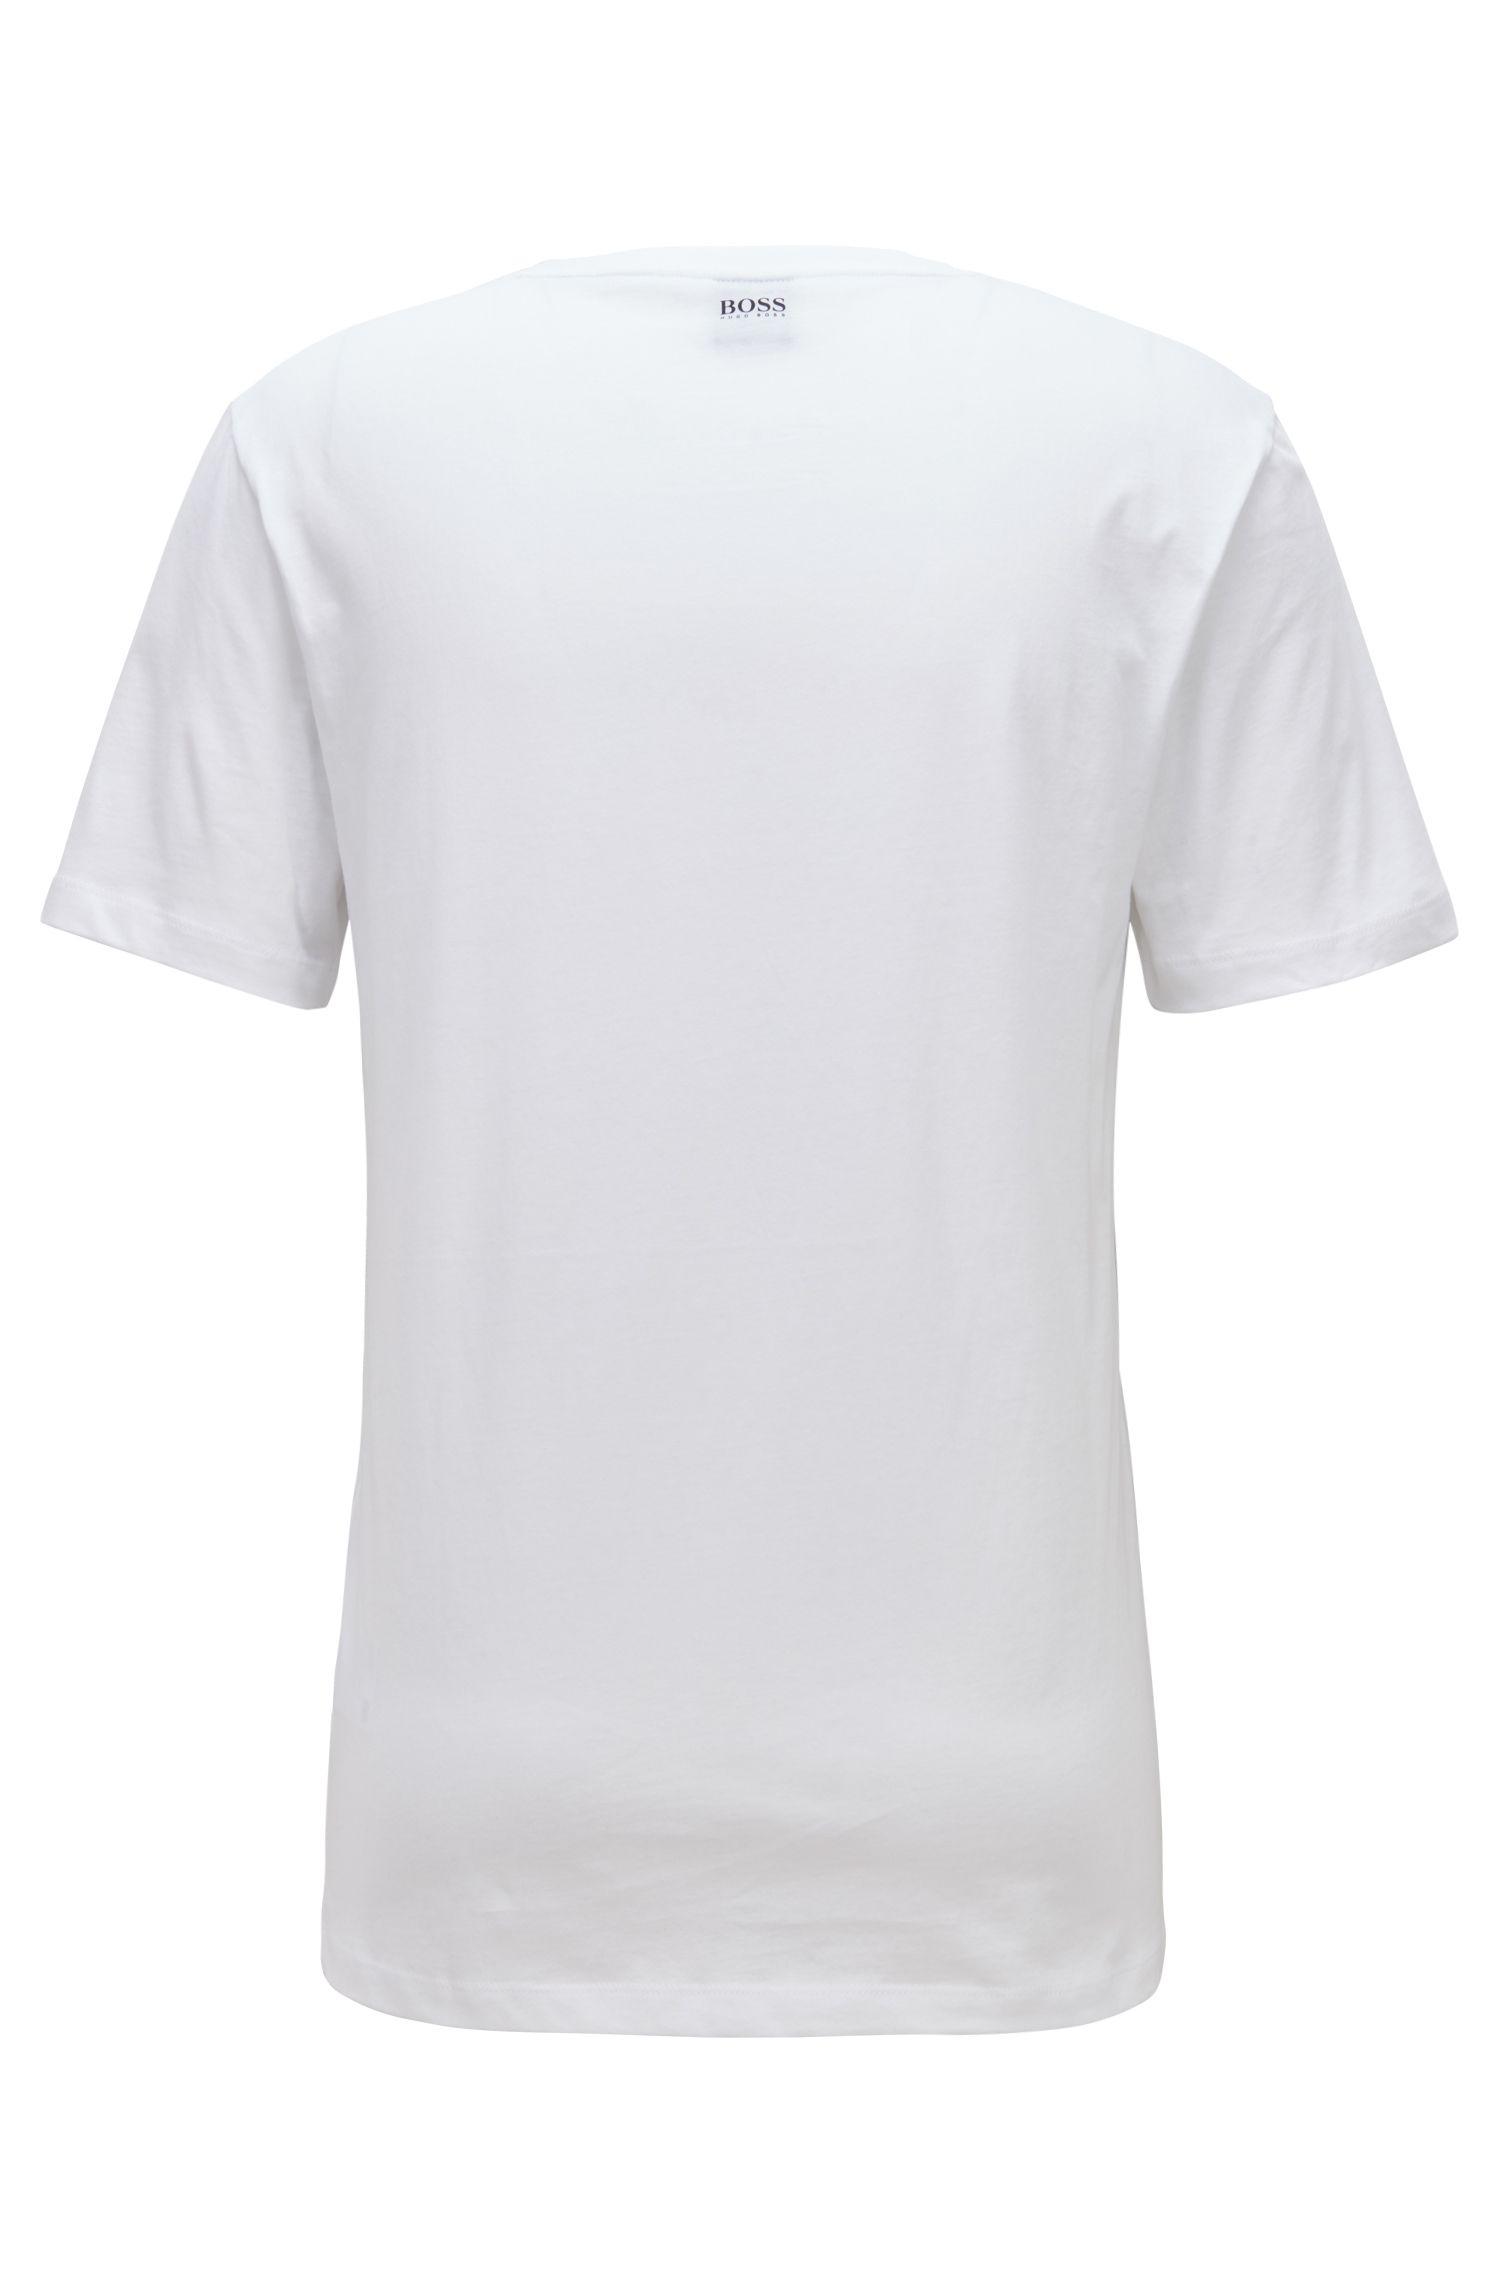 T-shirt à col ras-du-cou à imprimé graphique réalisé avec des encres à base d'eau, Blanc